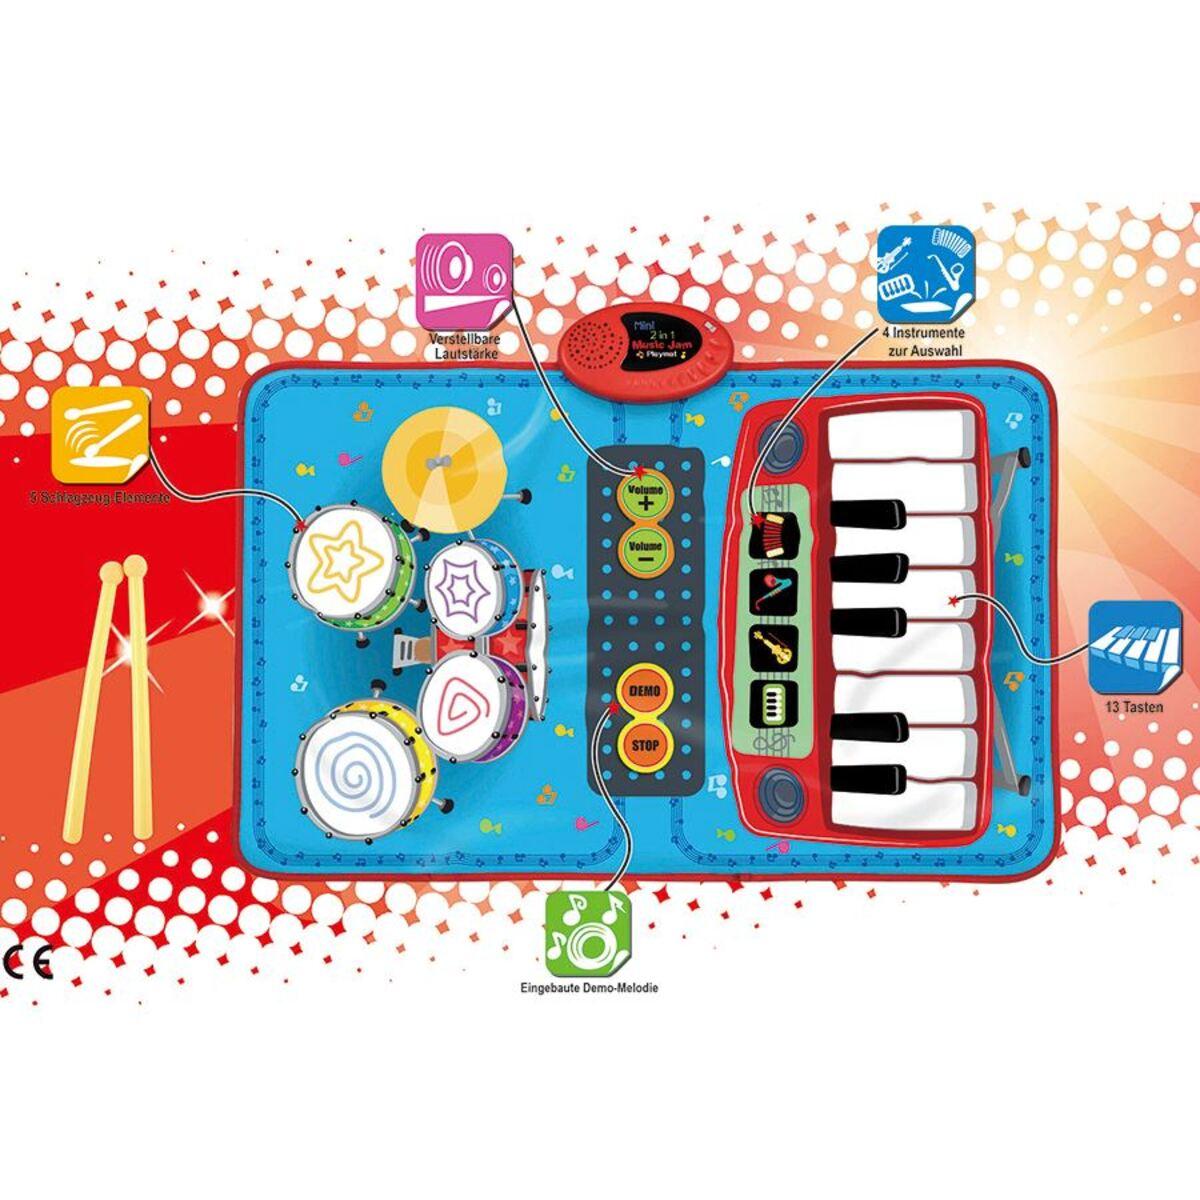 Bild 2 von Musikmatte 2in1 Schlagzeug & Klavier